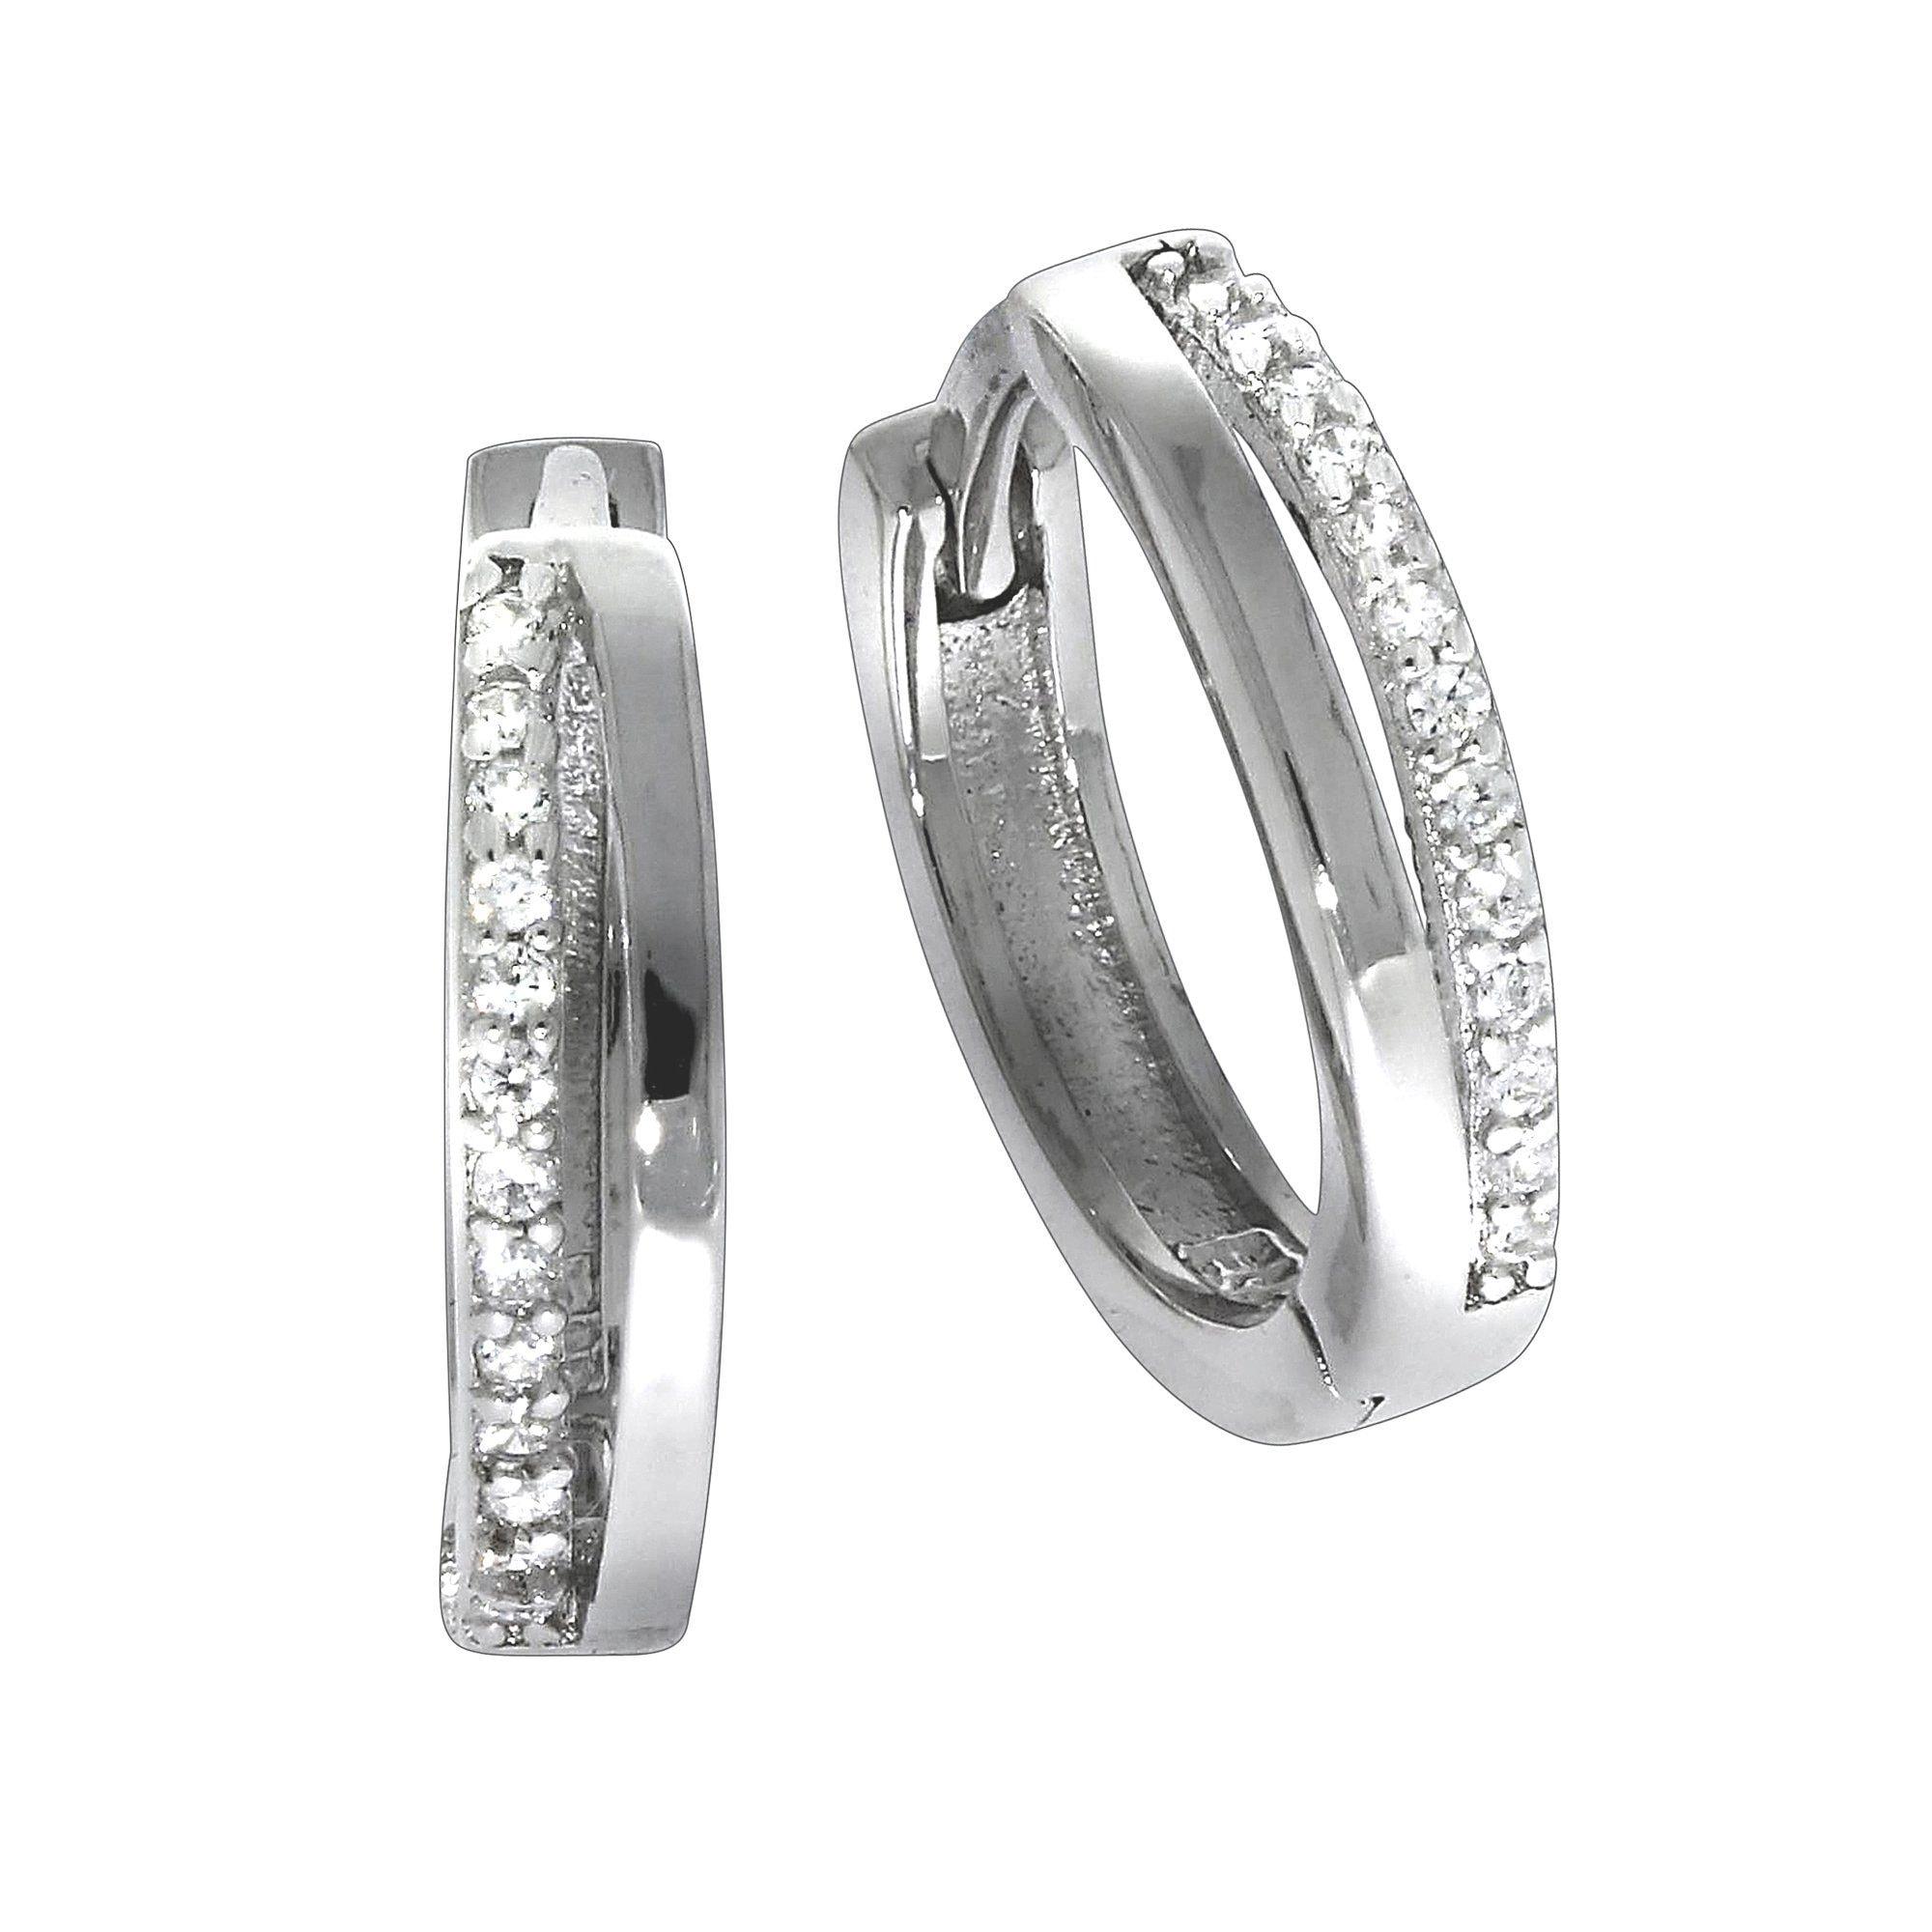 Frauen 925 Silber Überzogene Armband Schmuck Silber Lady Armreif Geschenk A I4T4